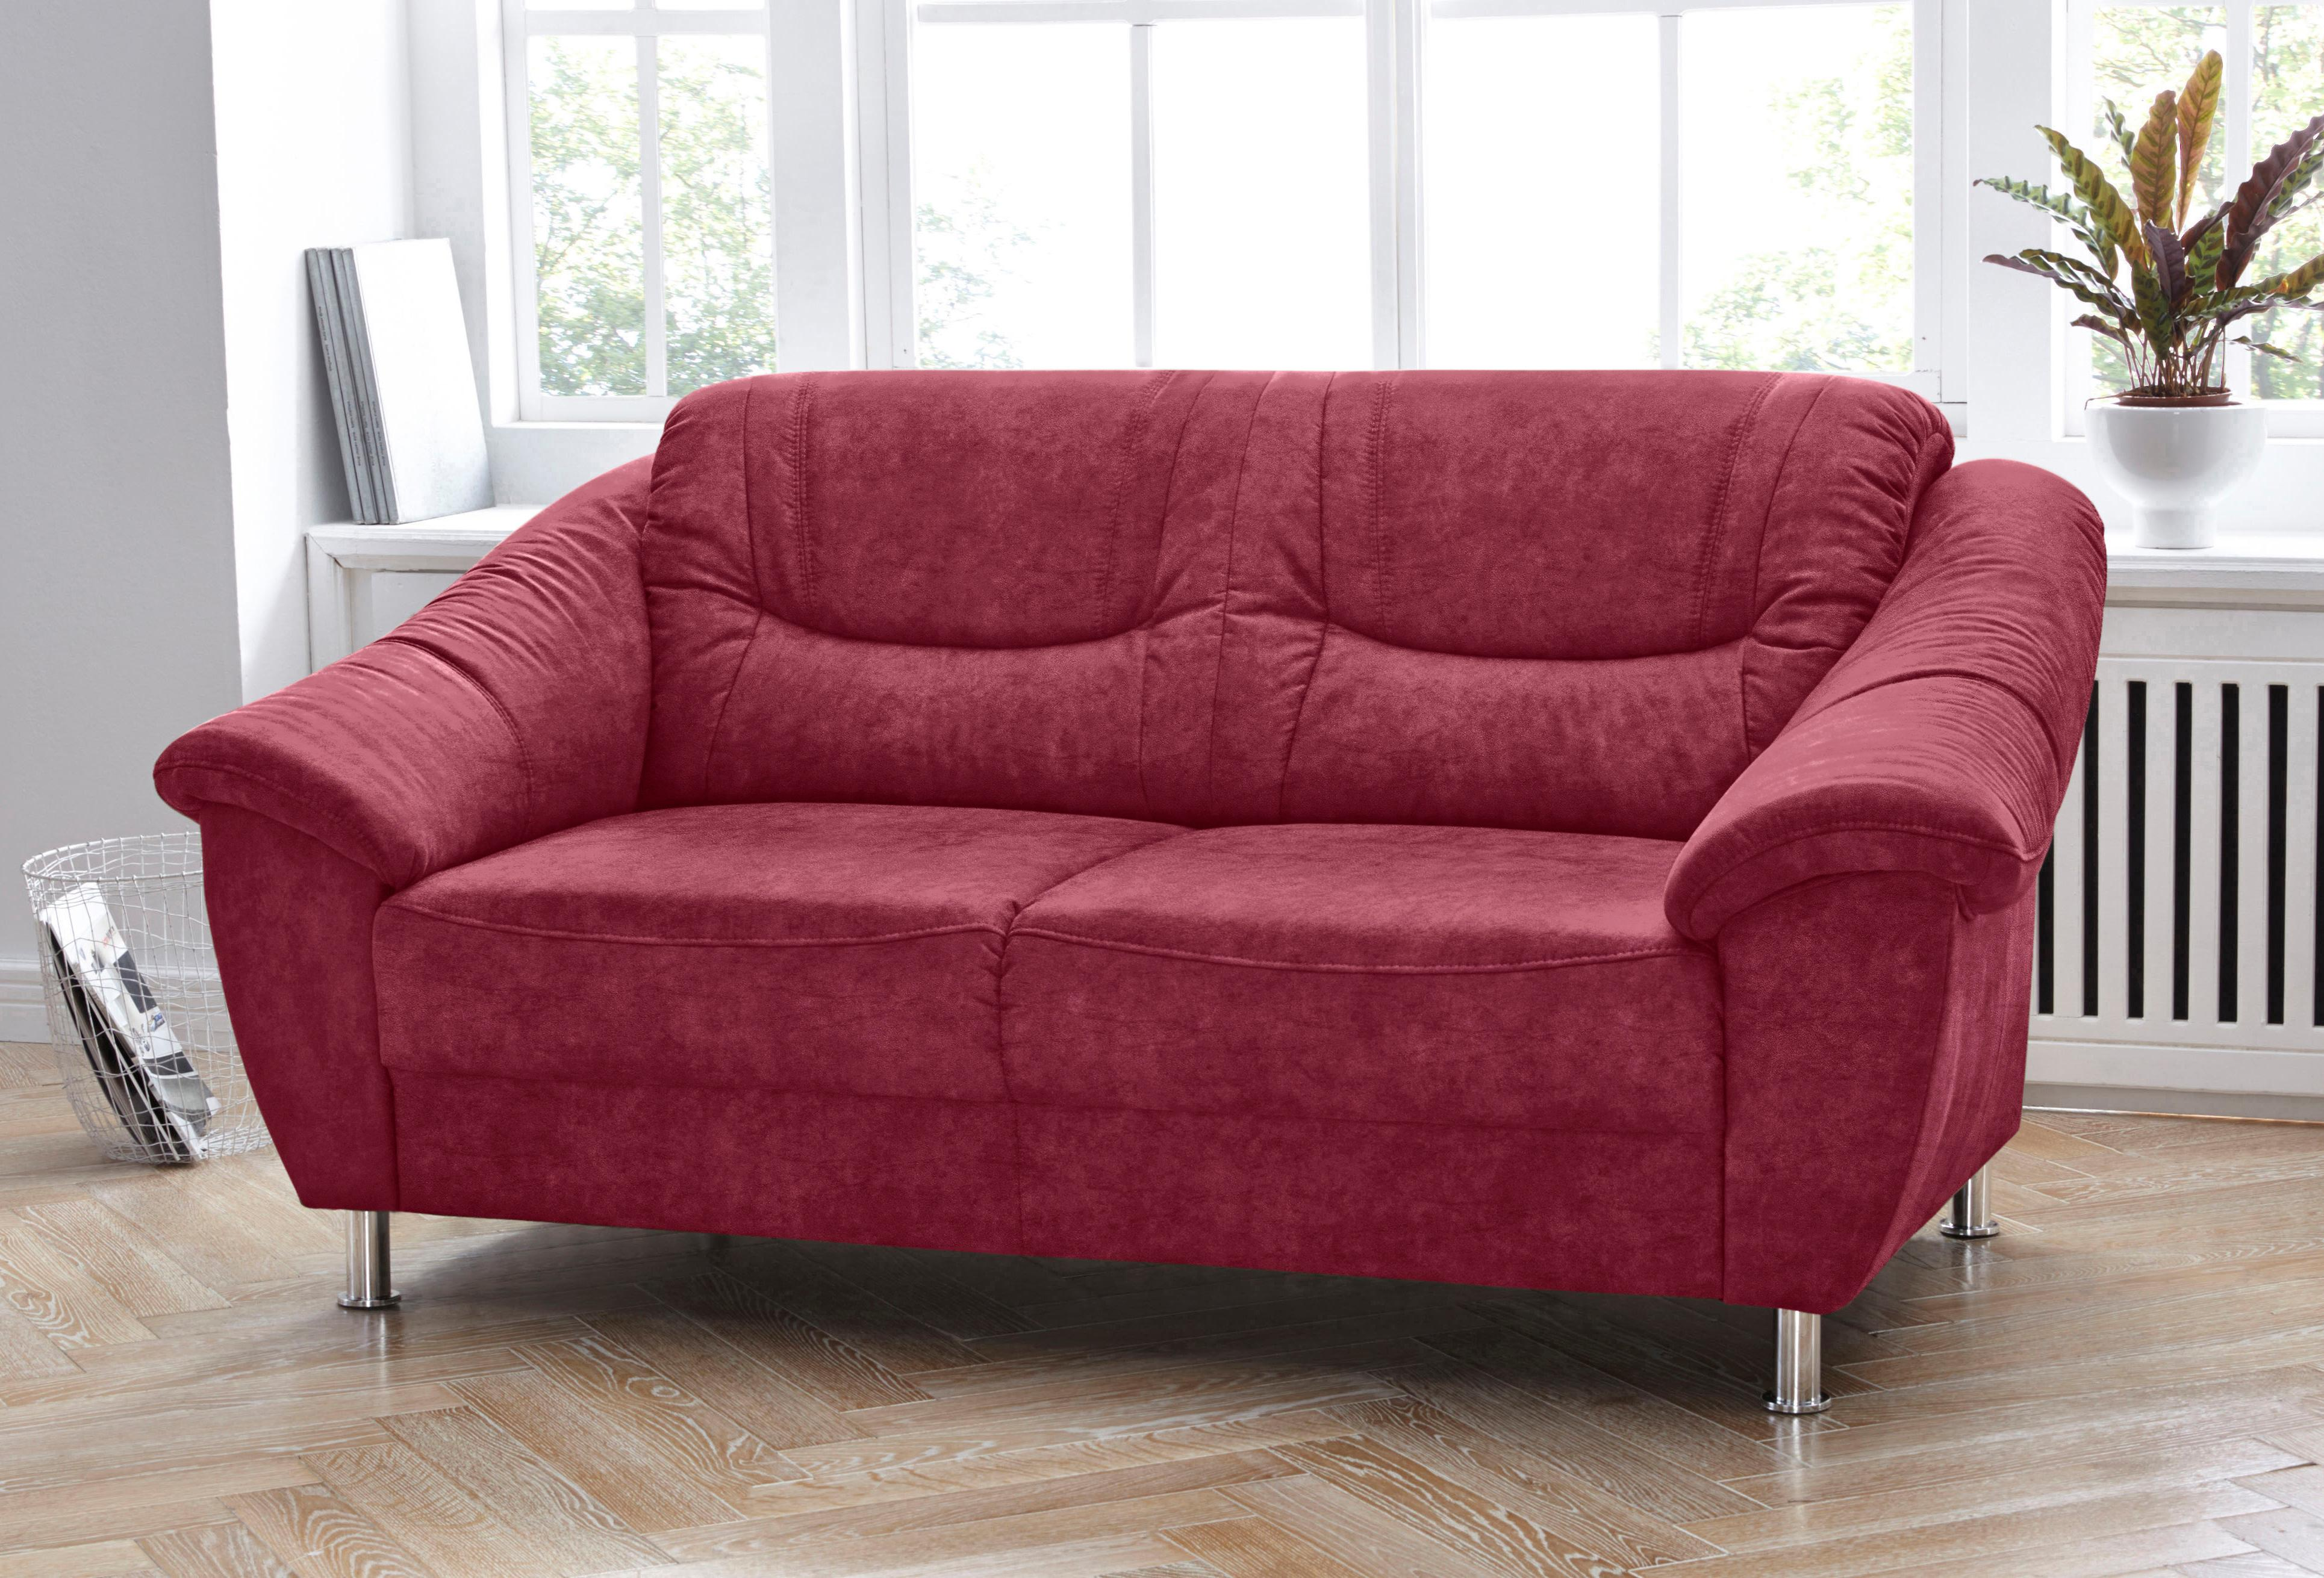 sit&more 2-Sitzer